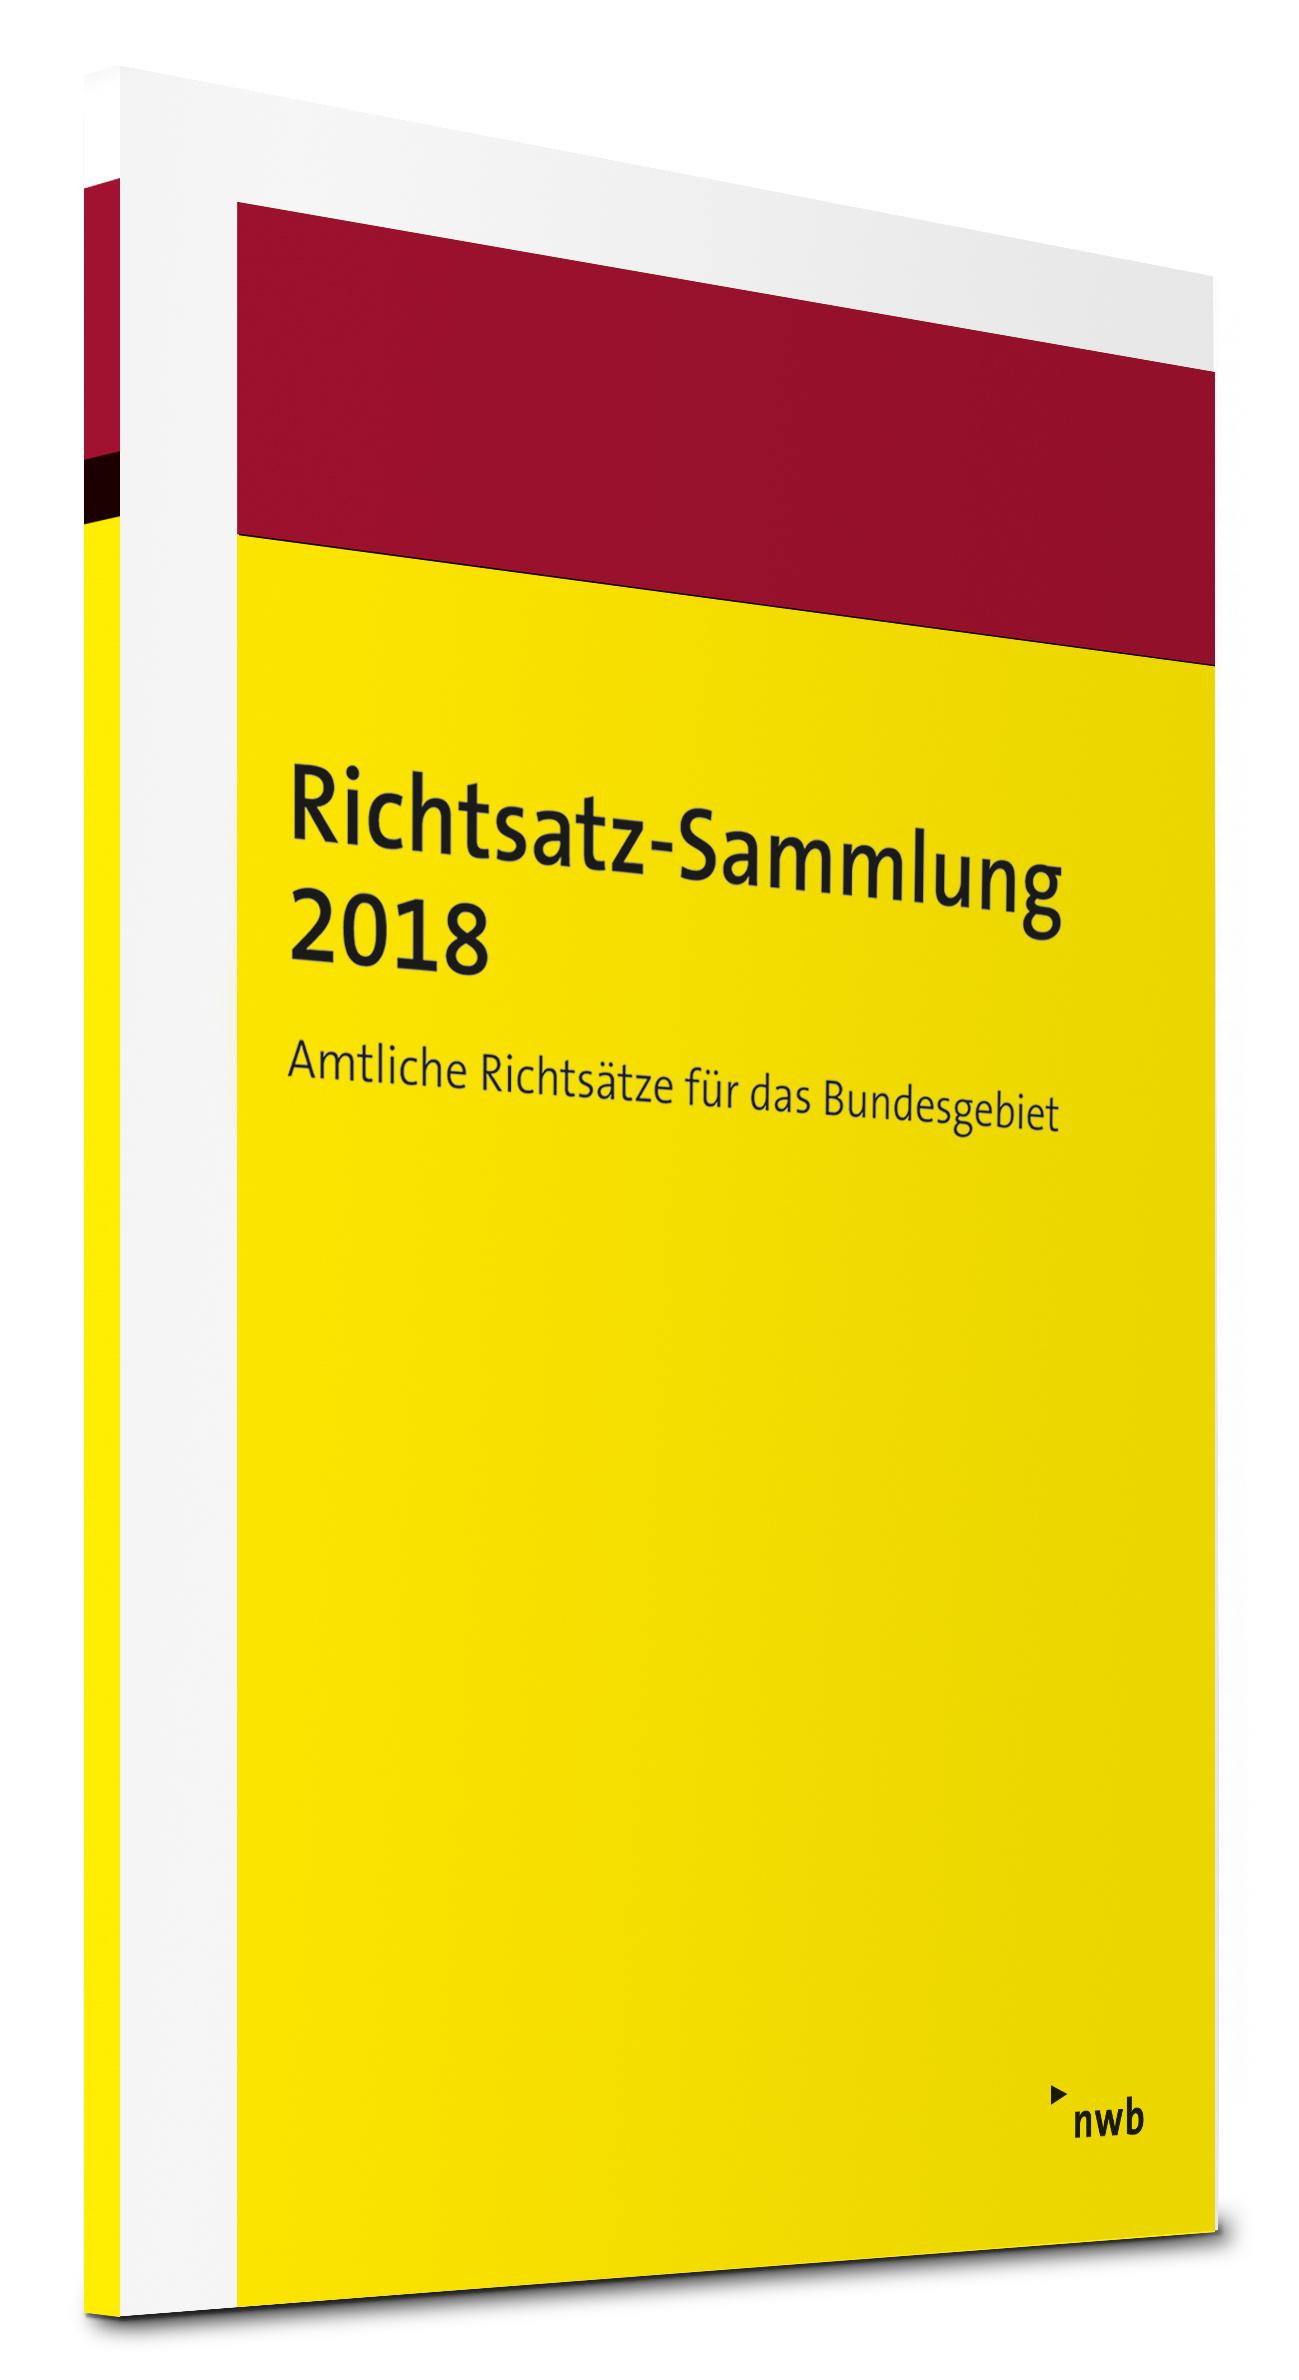 Richtsatz-Sammlung 2018